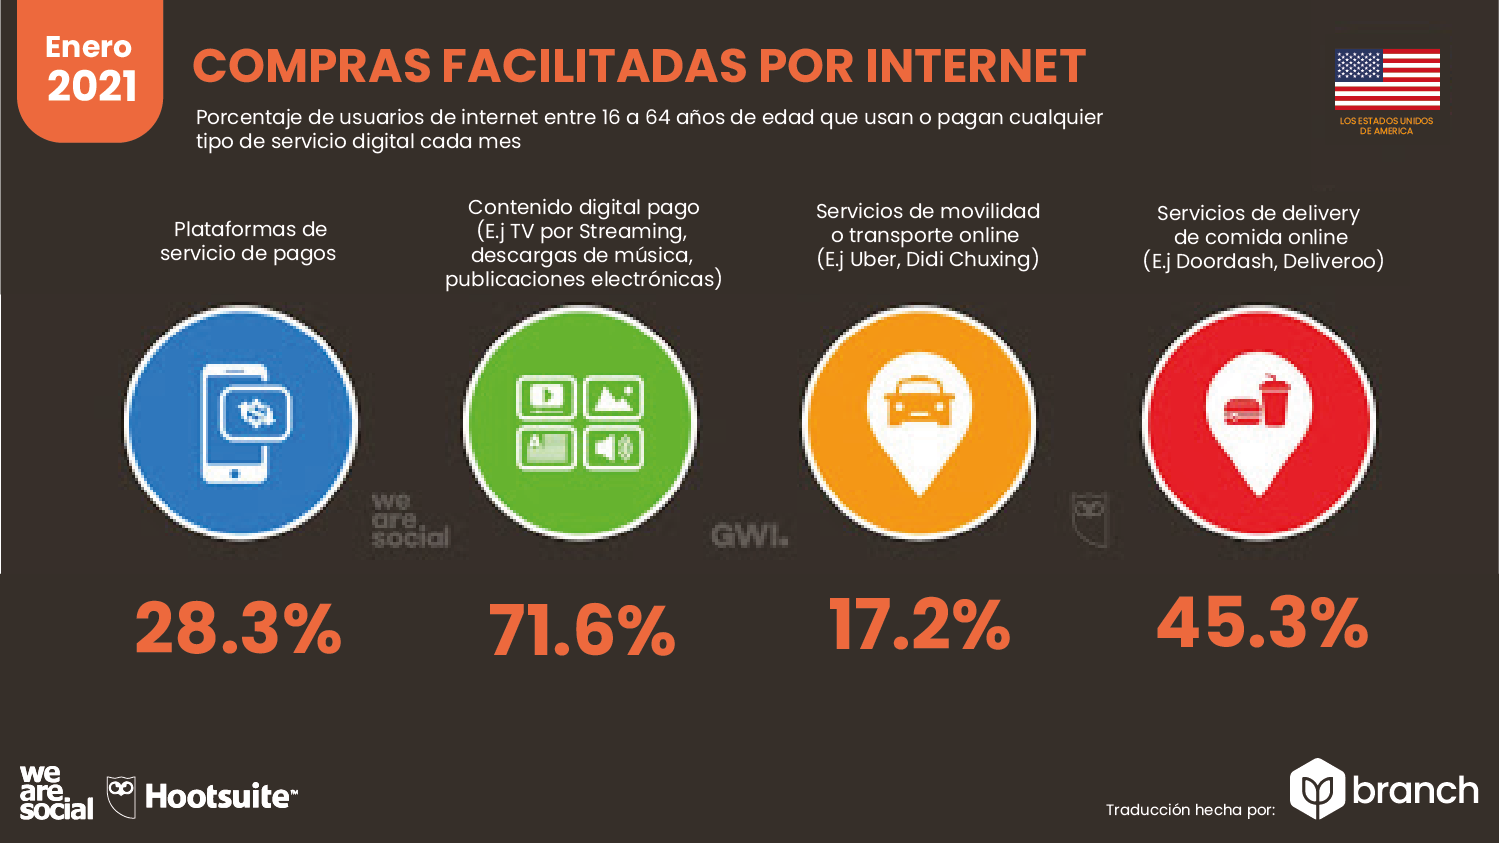 compras-facilitadas-por-internet-usa-2020-2021